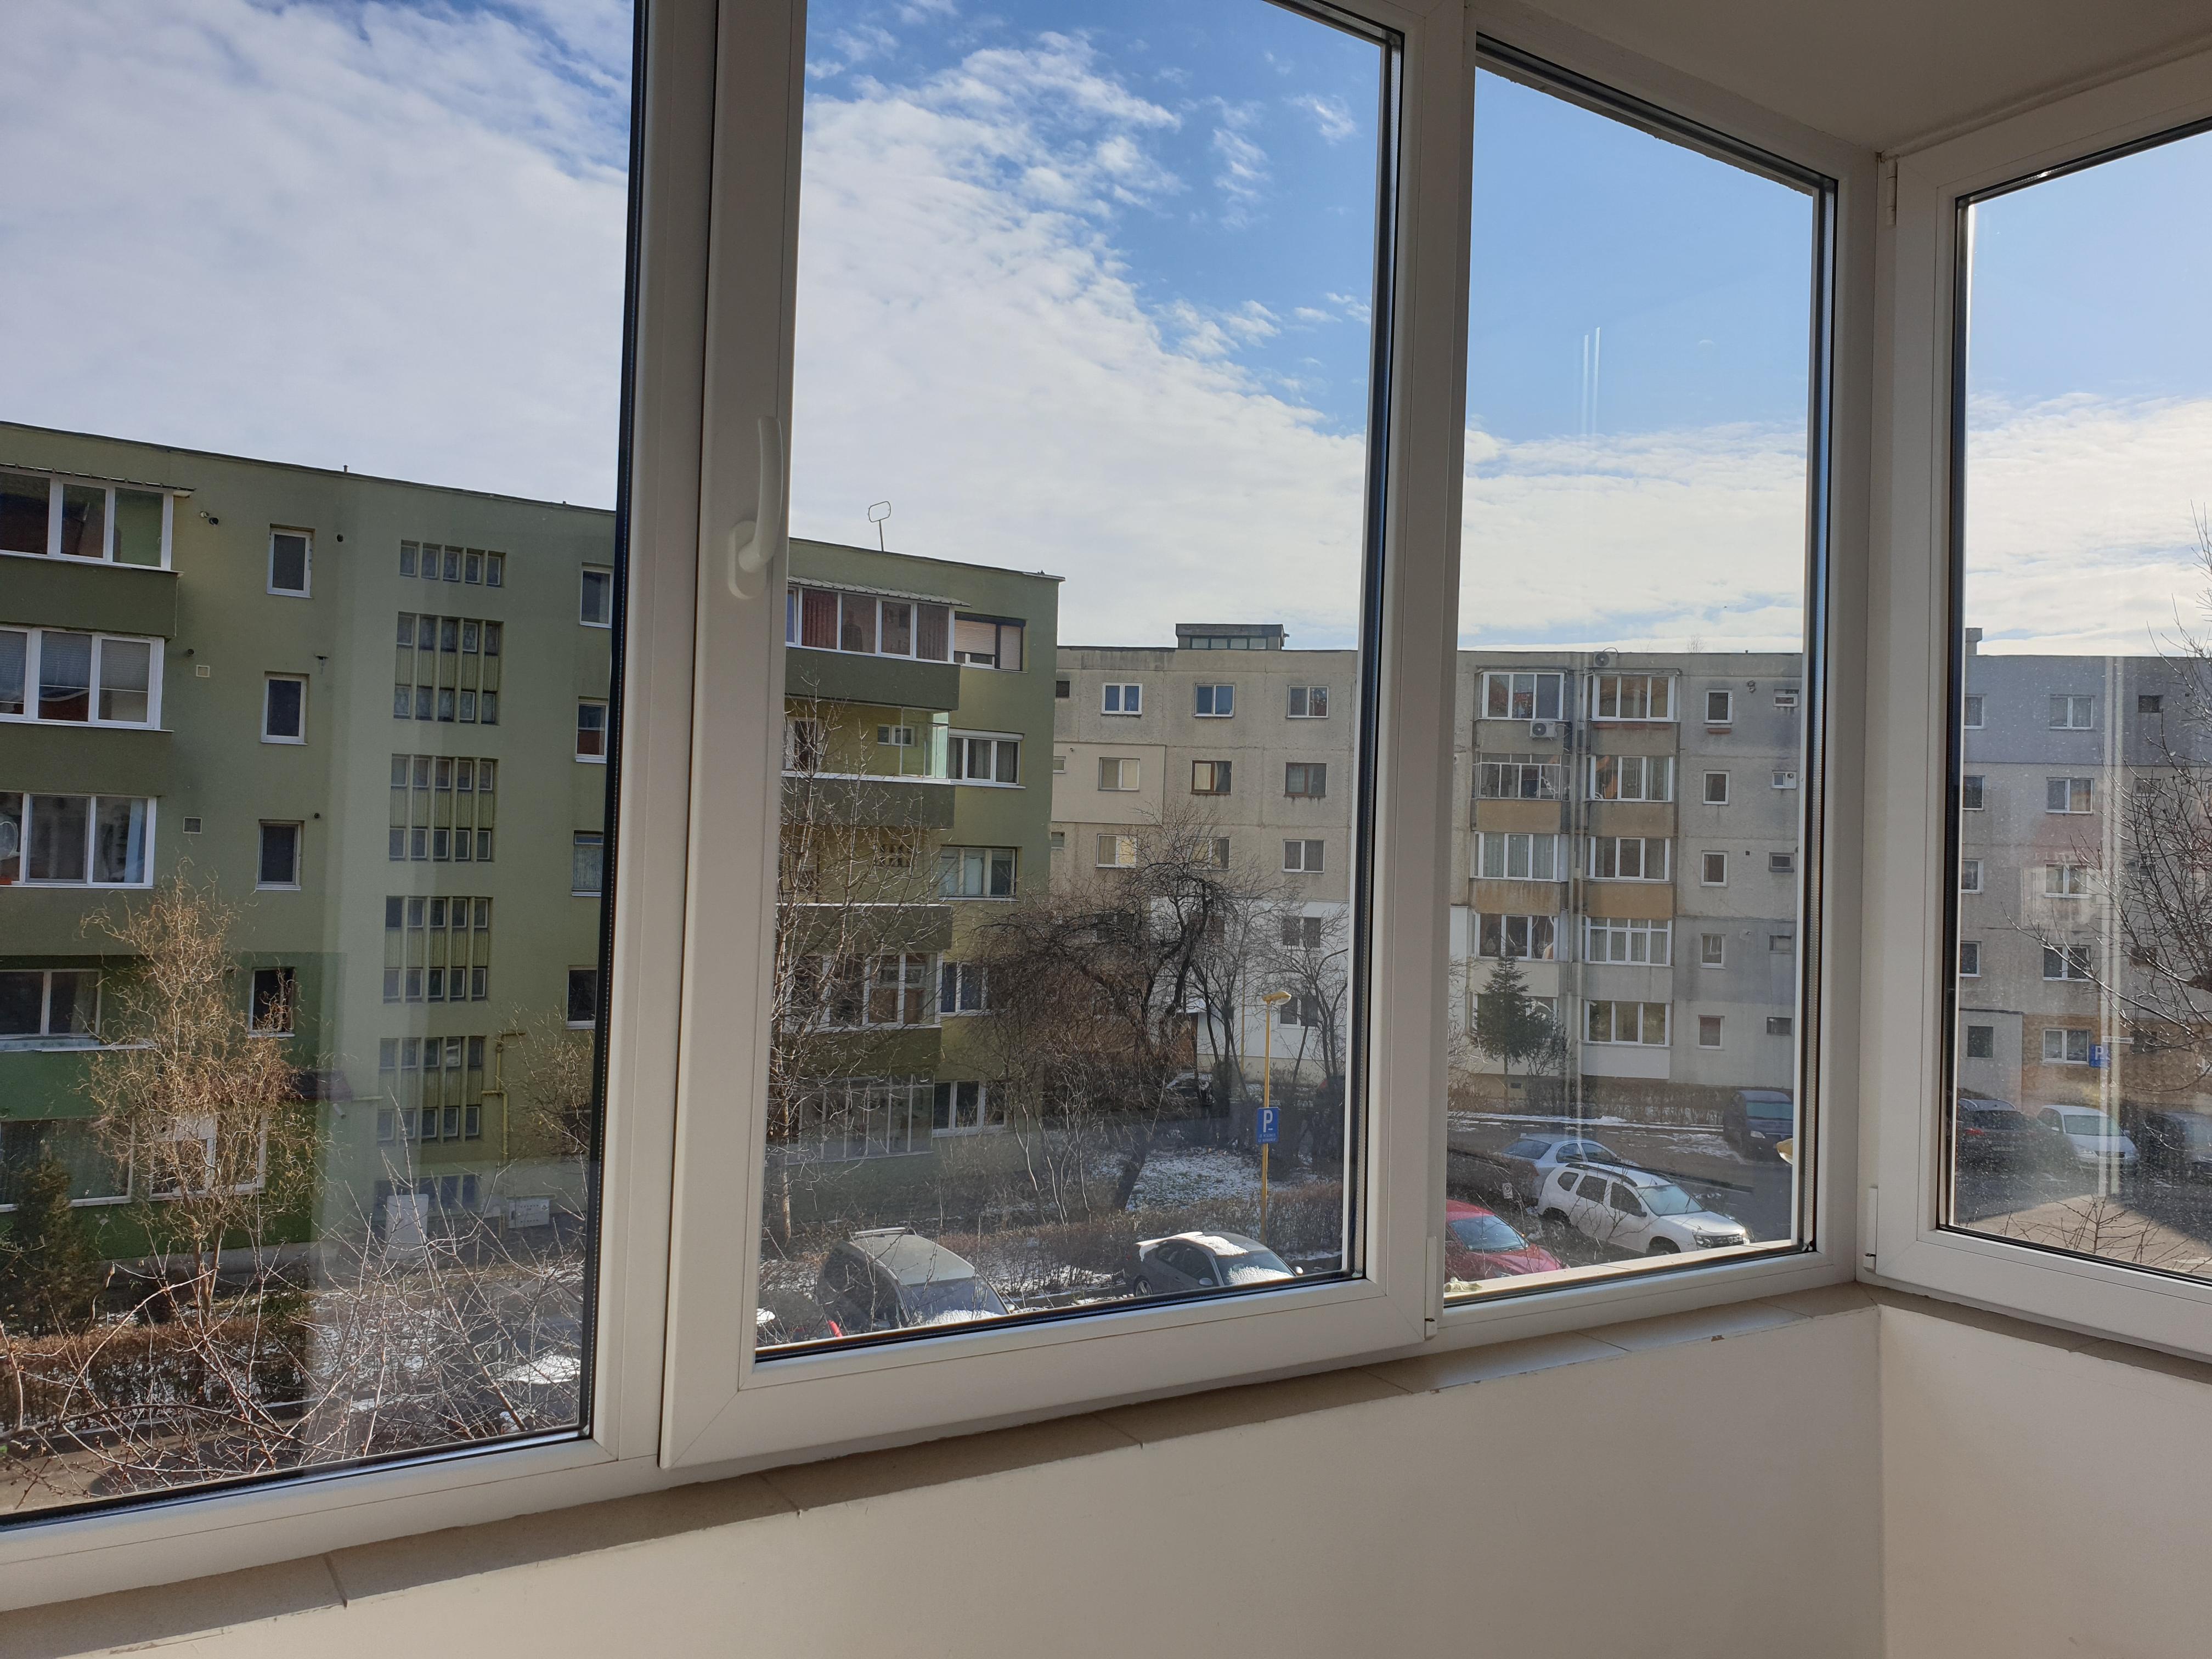 Chirie 2 camere semimobilat Centrul Civic Brasov